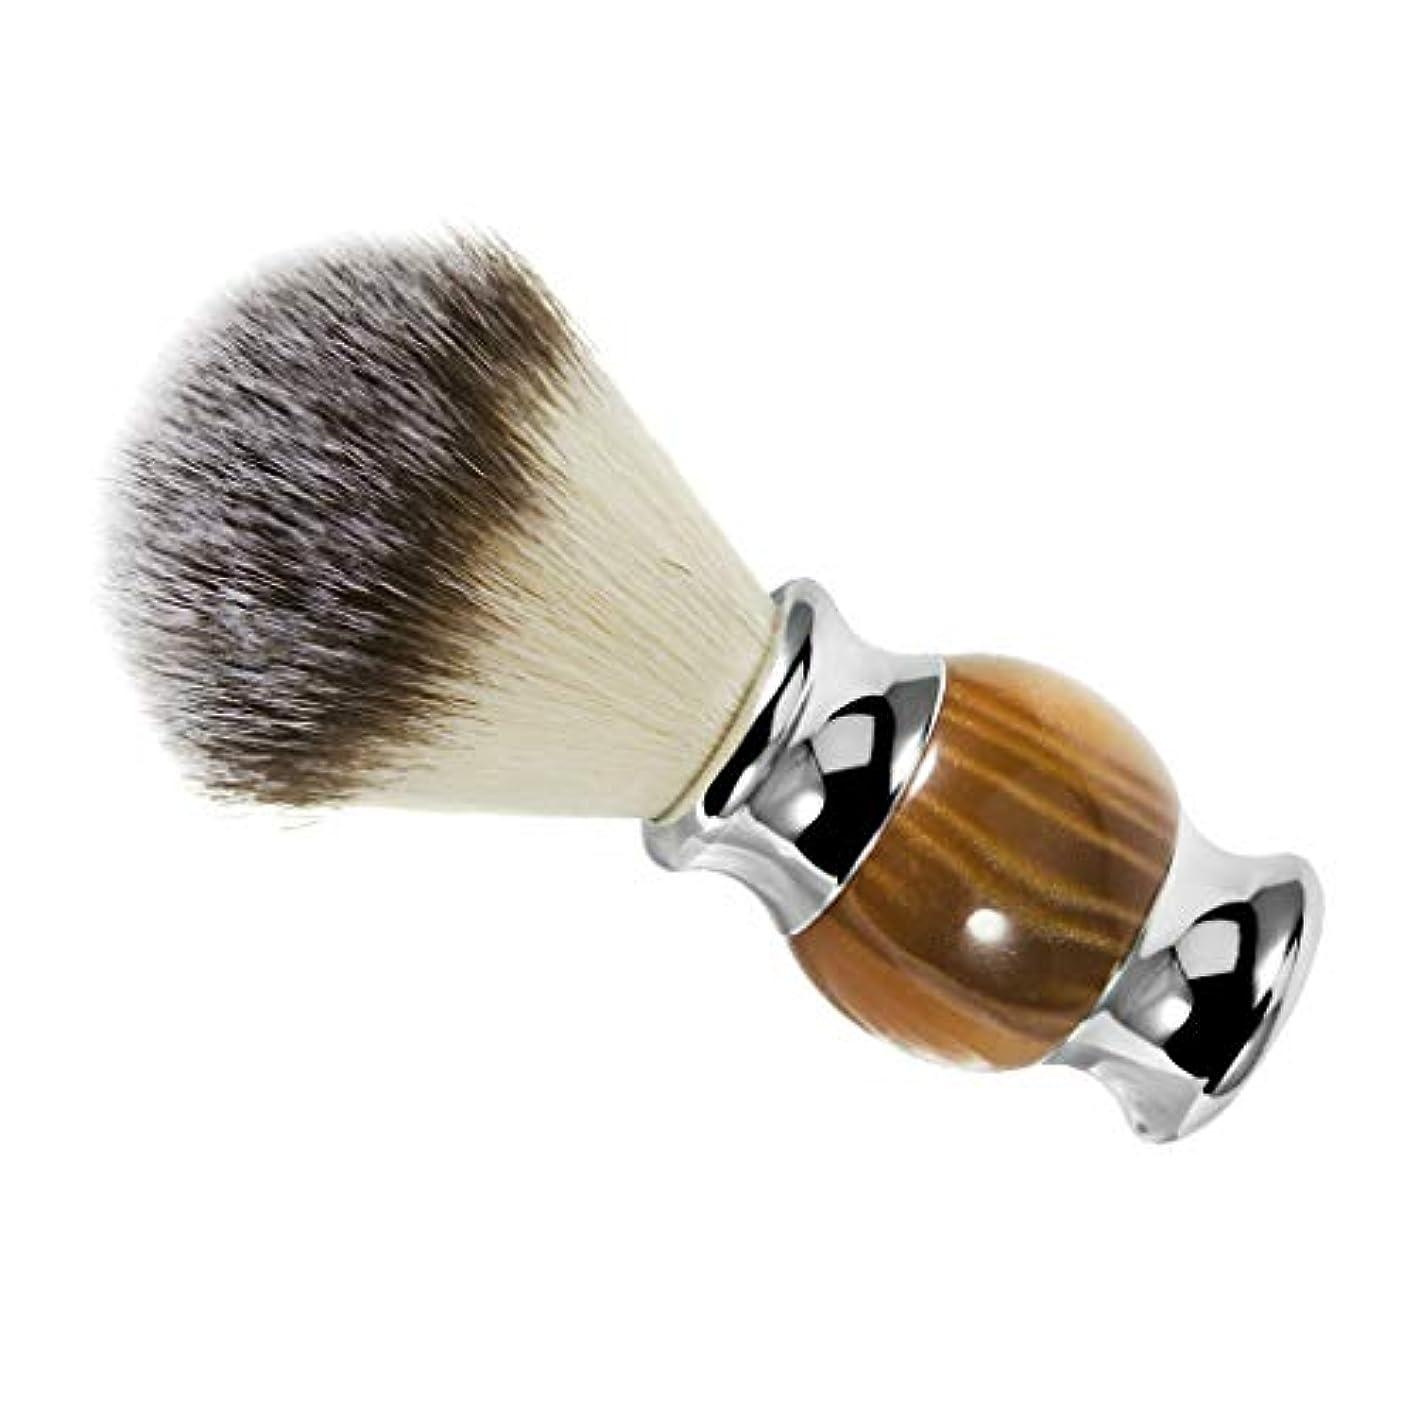 量でより平らな気を散らすchiwanji シェービングブラシ ひげ剃りブラシ 口ひげブラシ 理髪サロン 髭剃り ひげ剃り 泡立ち